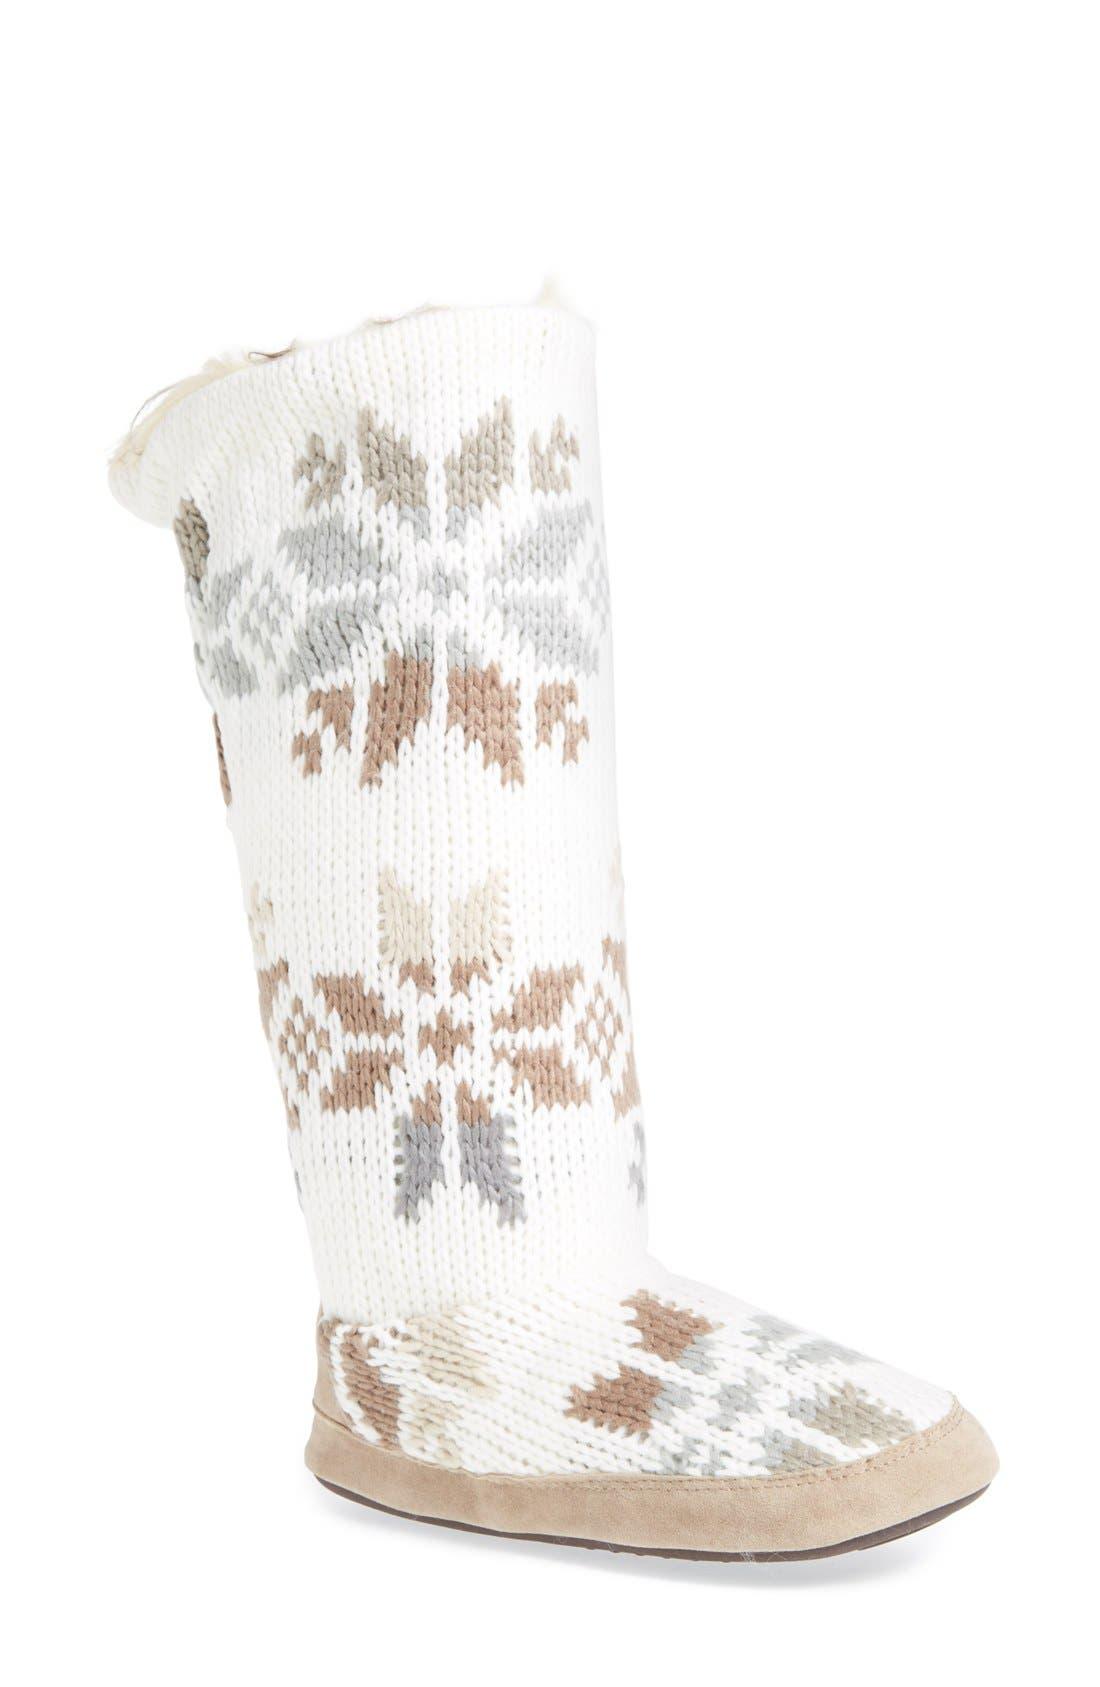 Main Image - MUK LUKS 'Maleah' Slipper Boot (Women)